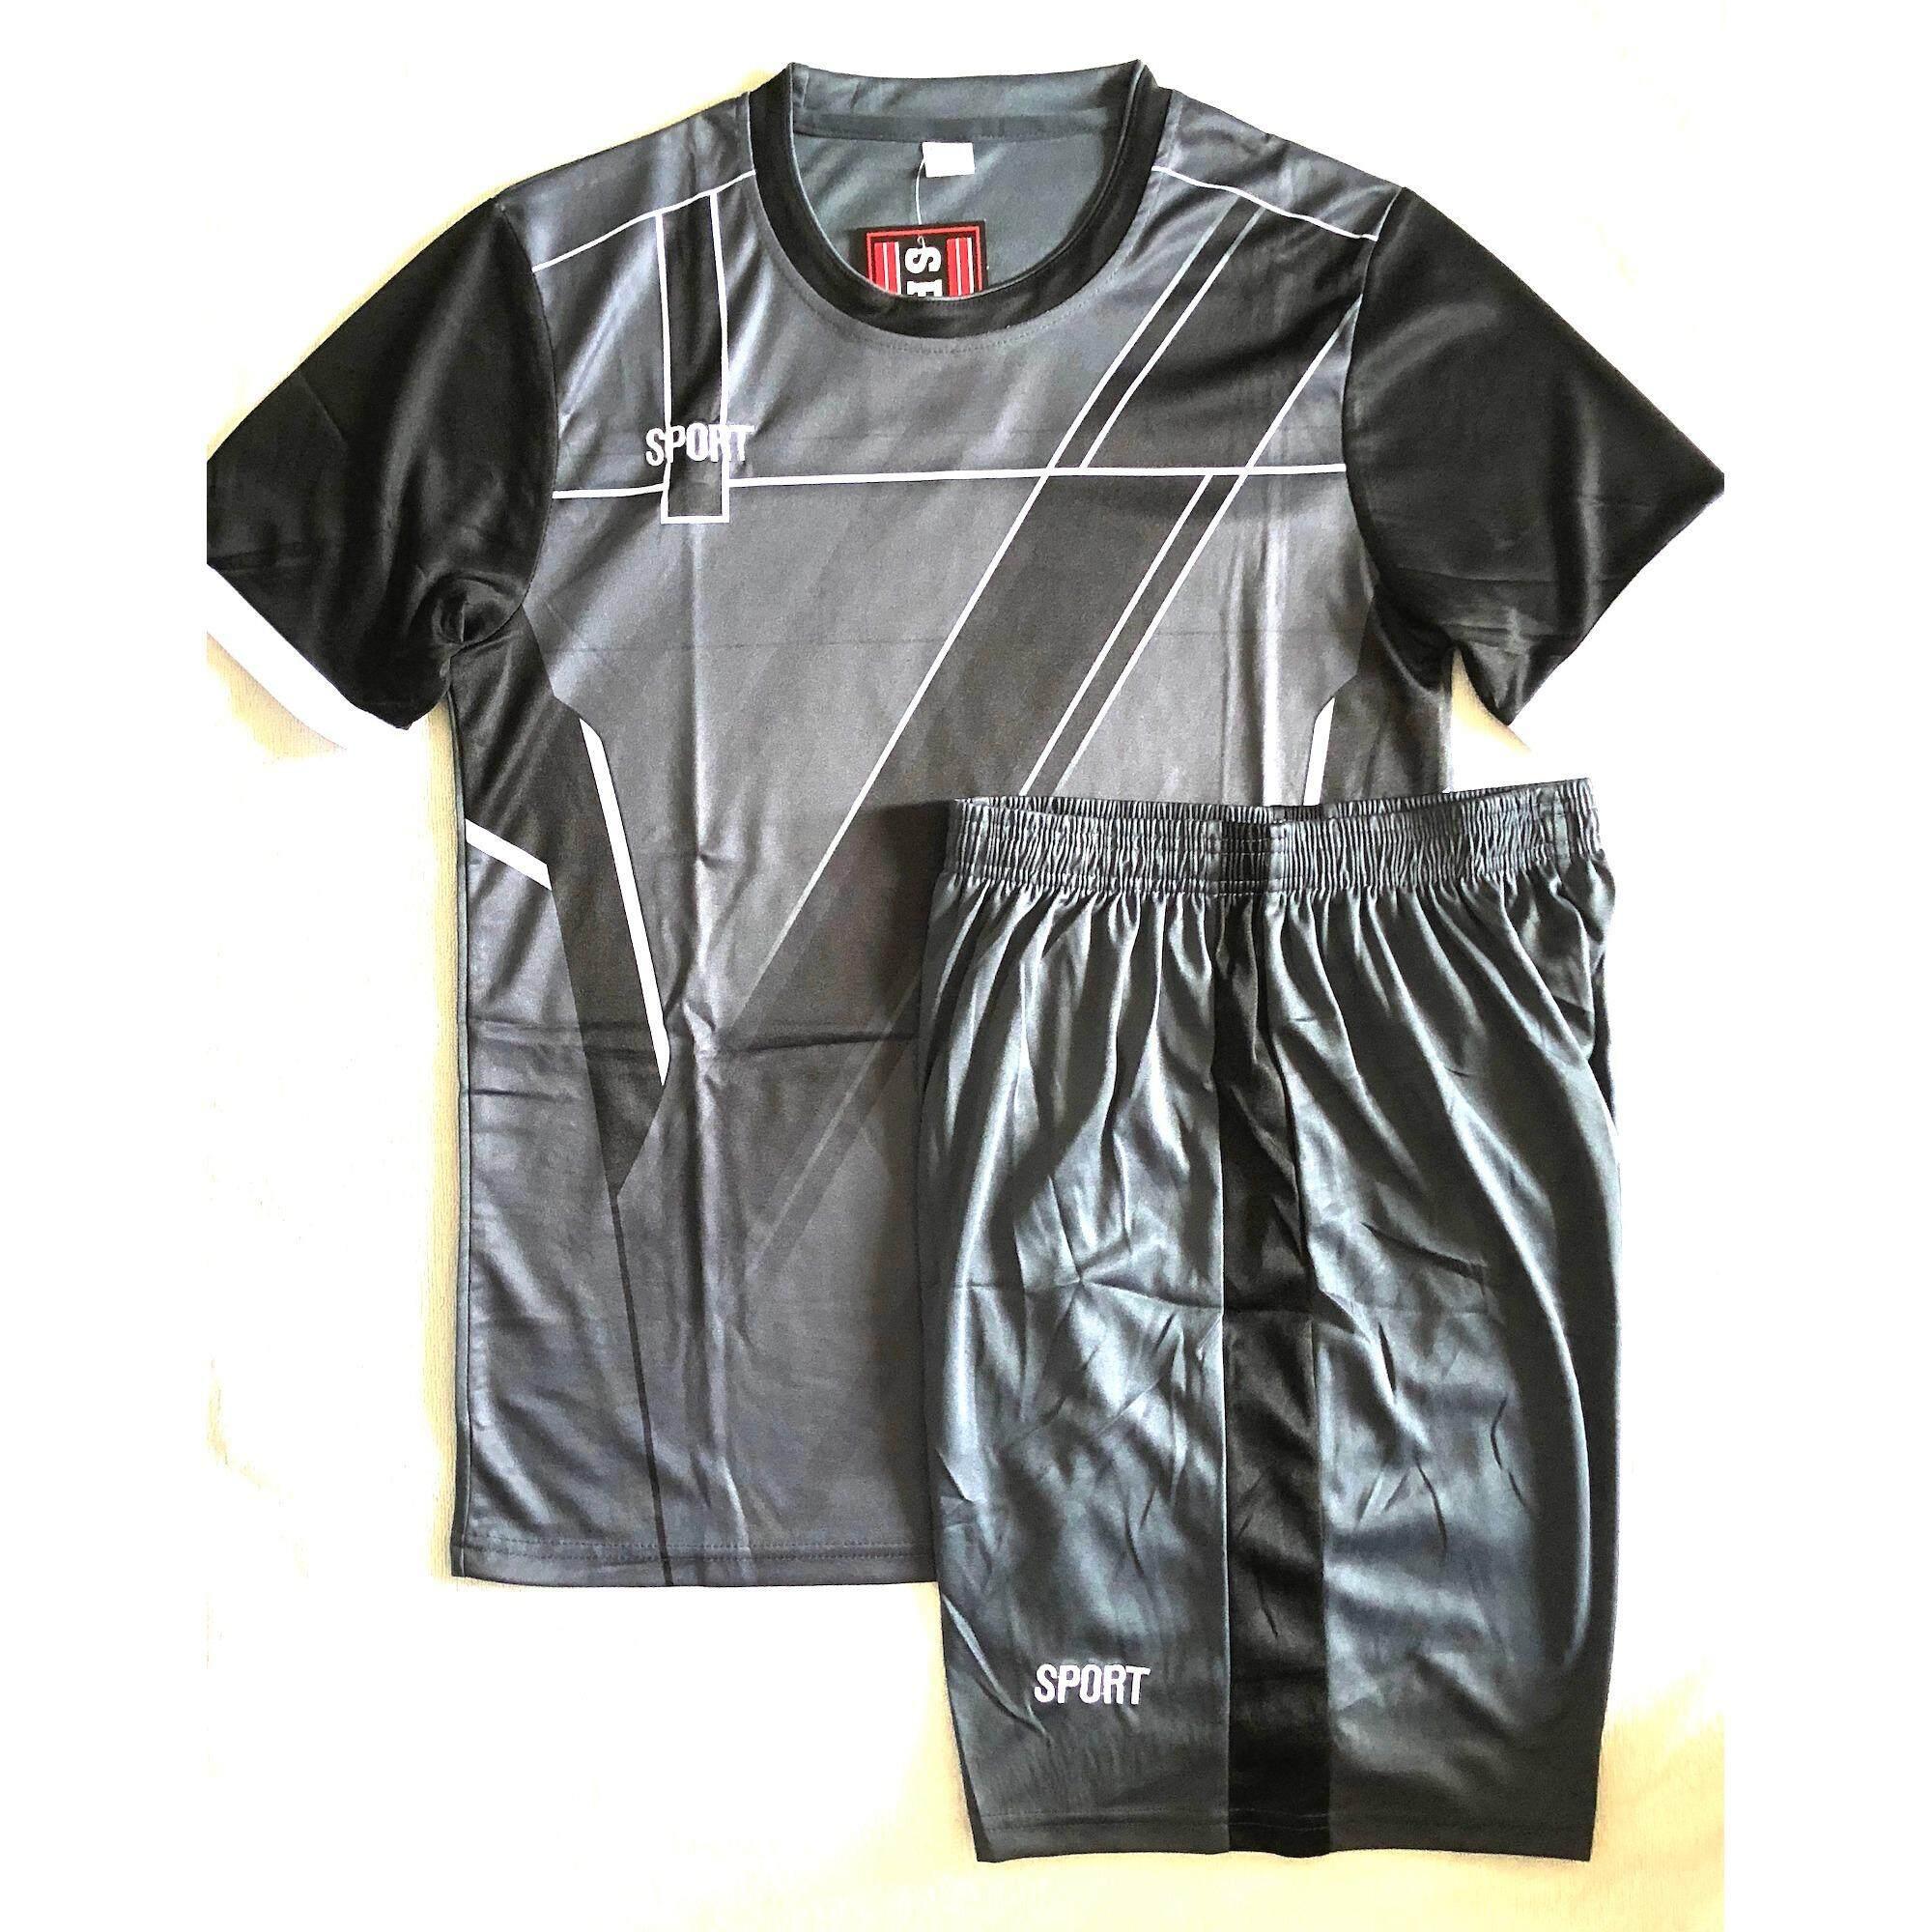 ราคา Sports ชุดฟุตบอลสำหรับผู้ใหญ่ เสื้อ กางเกง สีเทาแต่งดำ Model7 ราคาถูกที่สุด